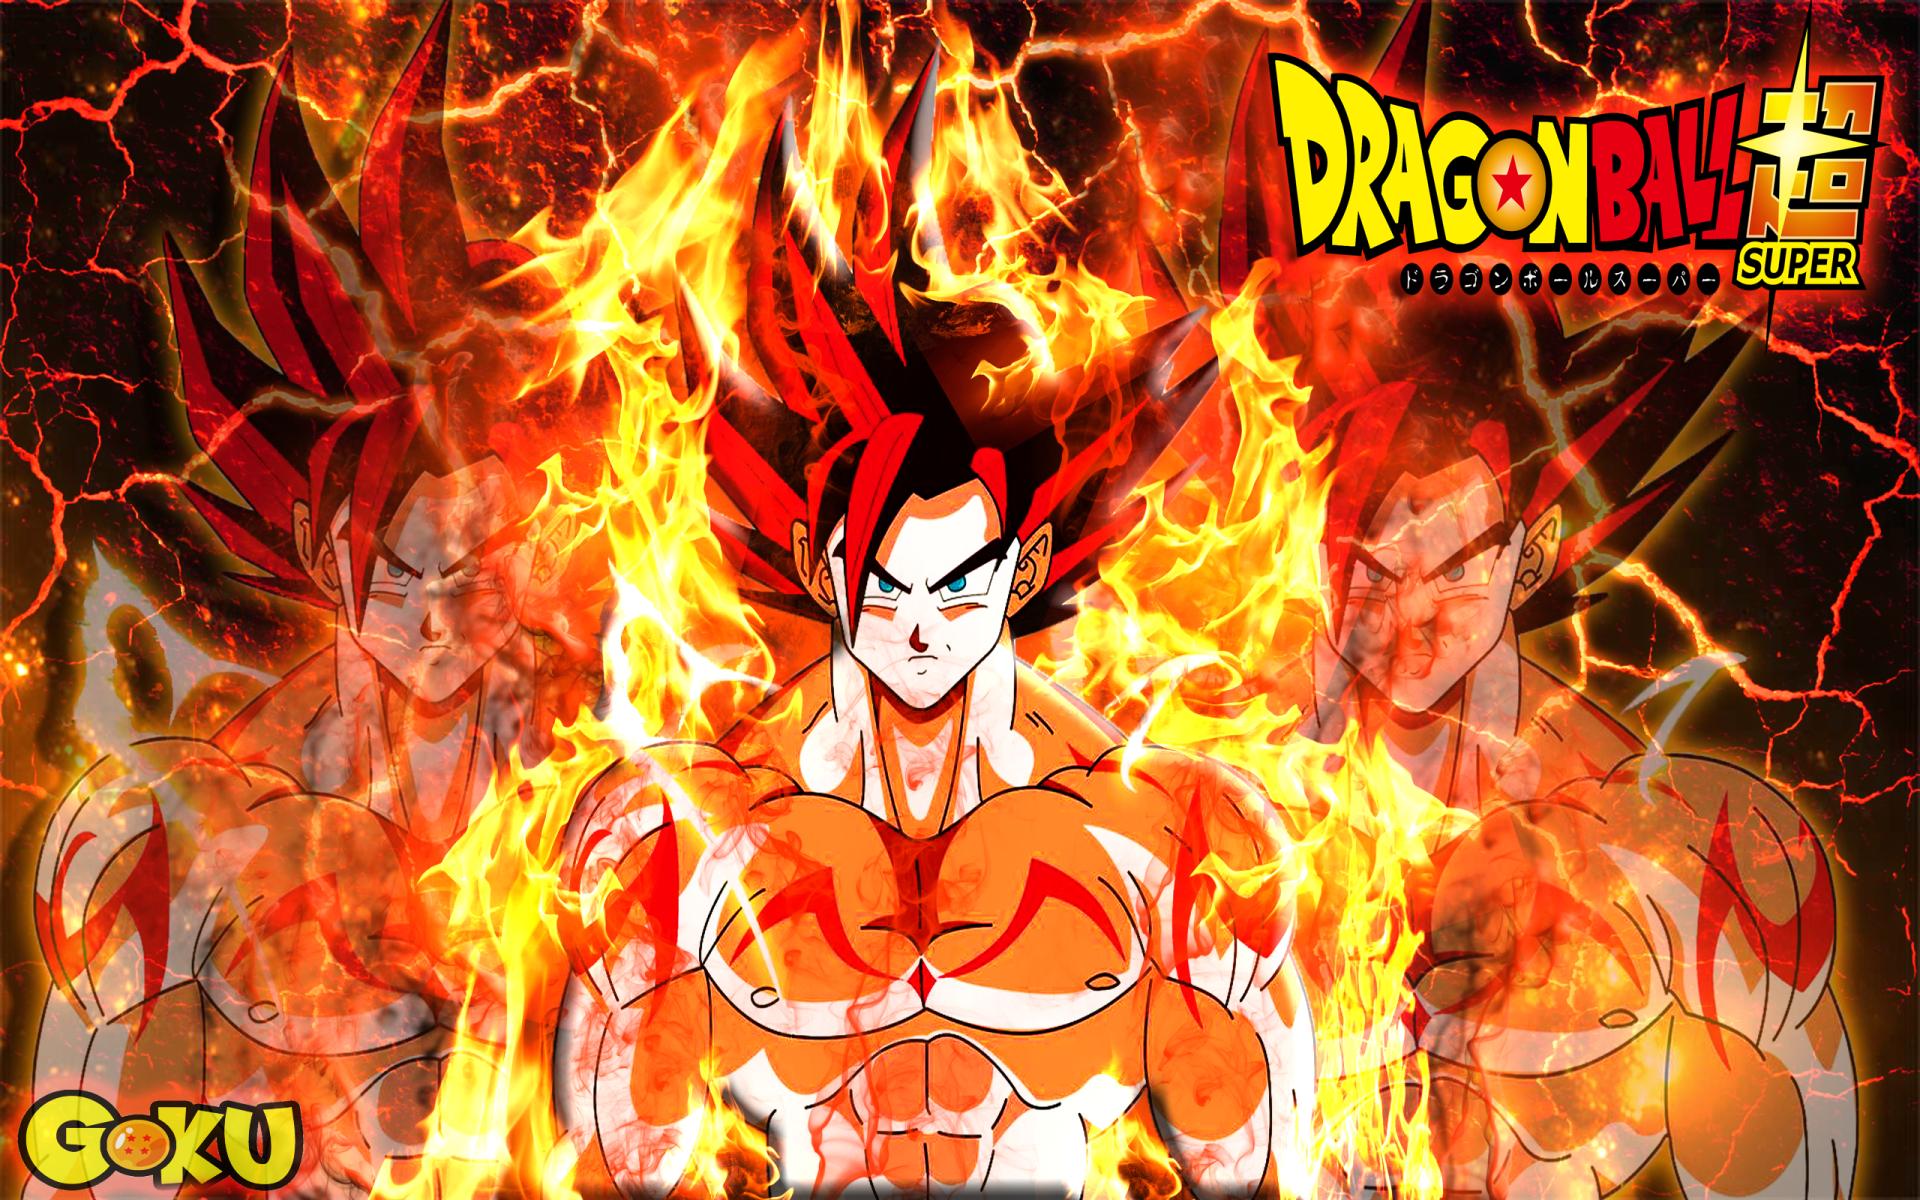 Algunas Imagenes En Hd De Dragon Ball Super Anime Dragon Ball Dragon Ball Z Dragon Ball